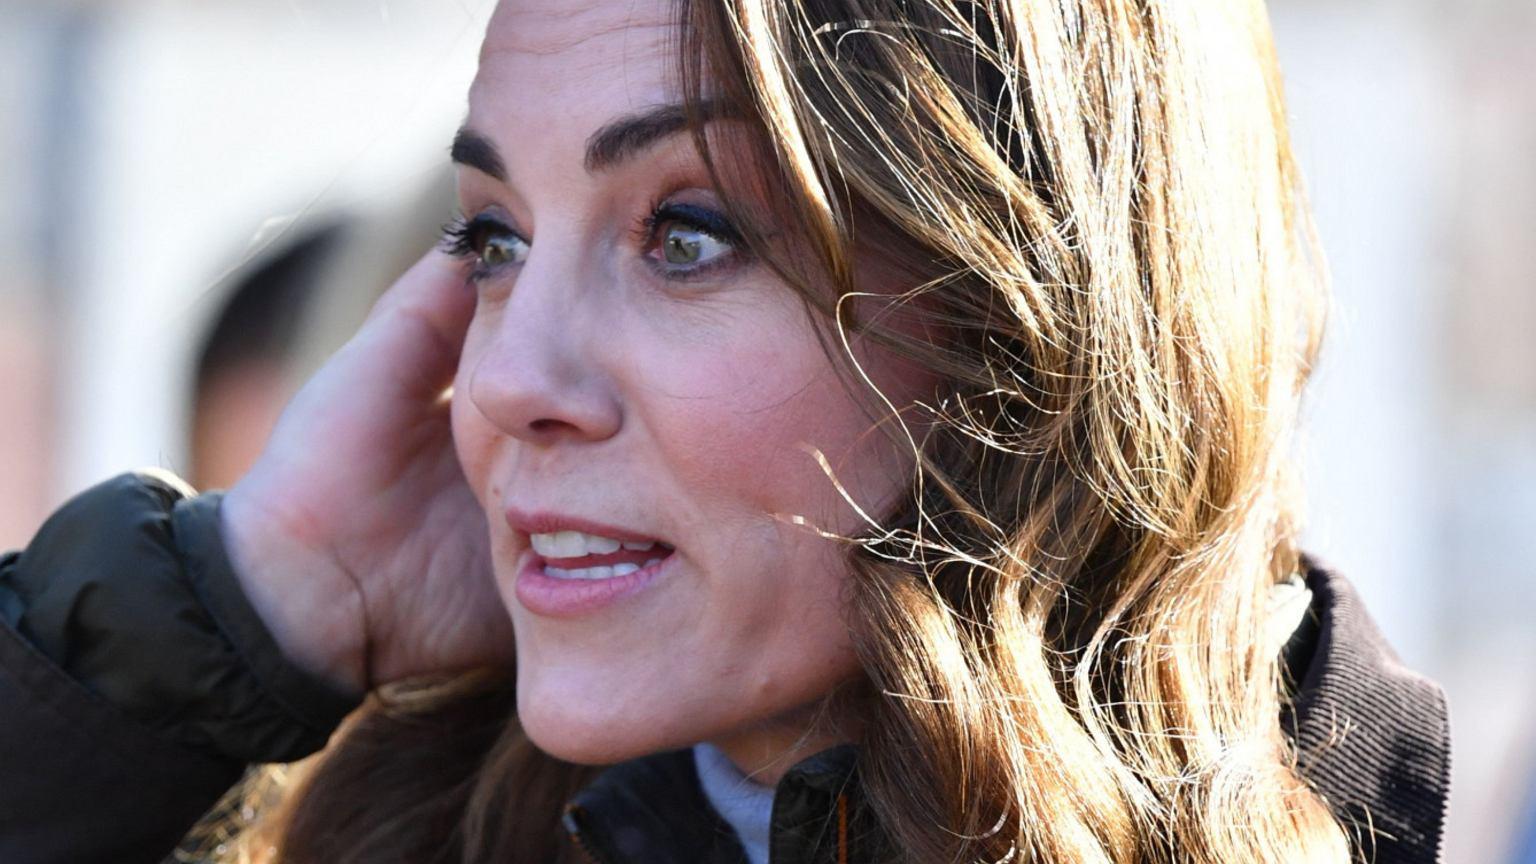 Kate Middleton złamała królewski protokół. Ta poza nie jest godna księżnej. Ekspertka od mowy ciała dokonała jej analizy